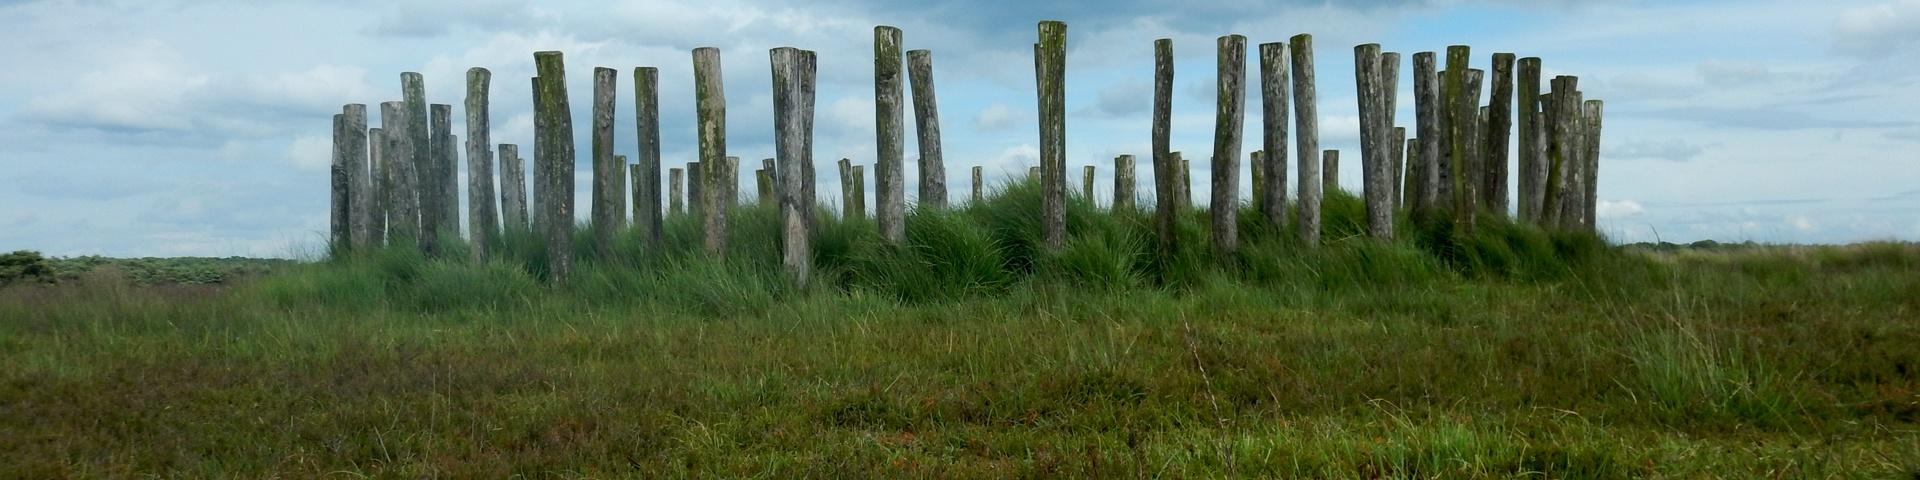 Regte Heide